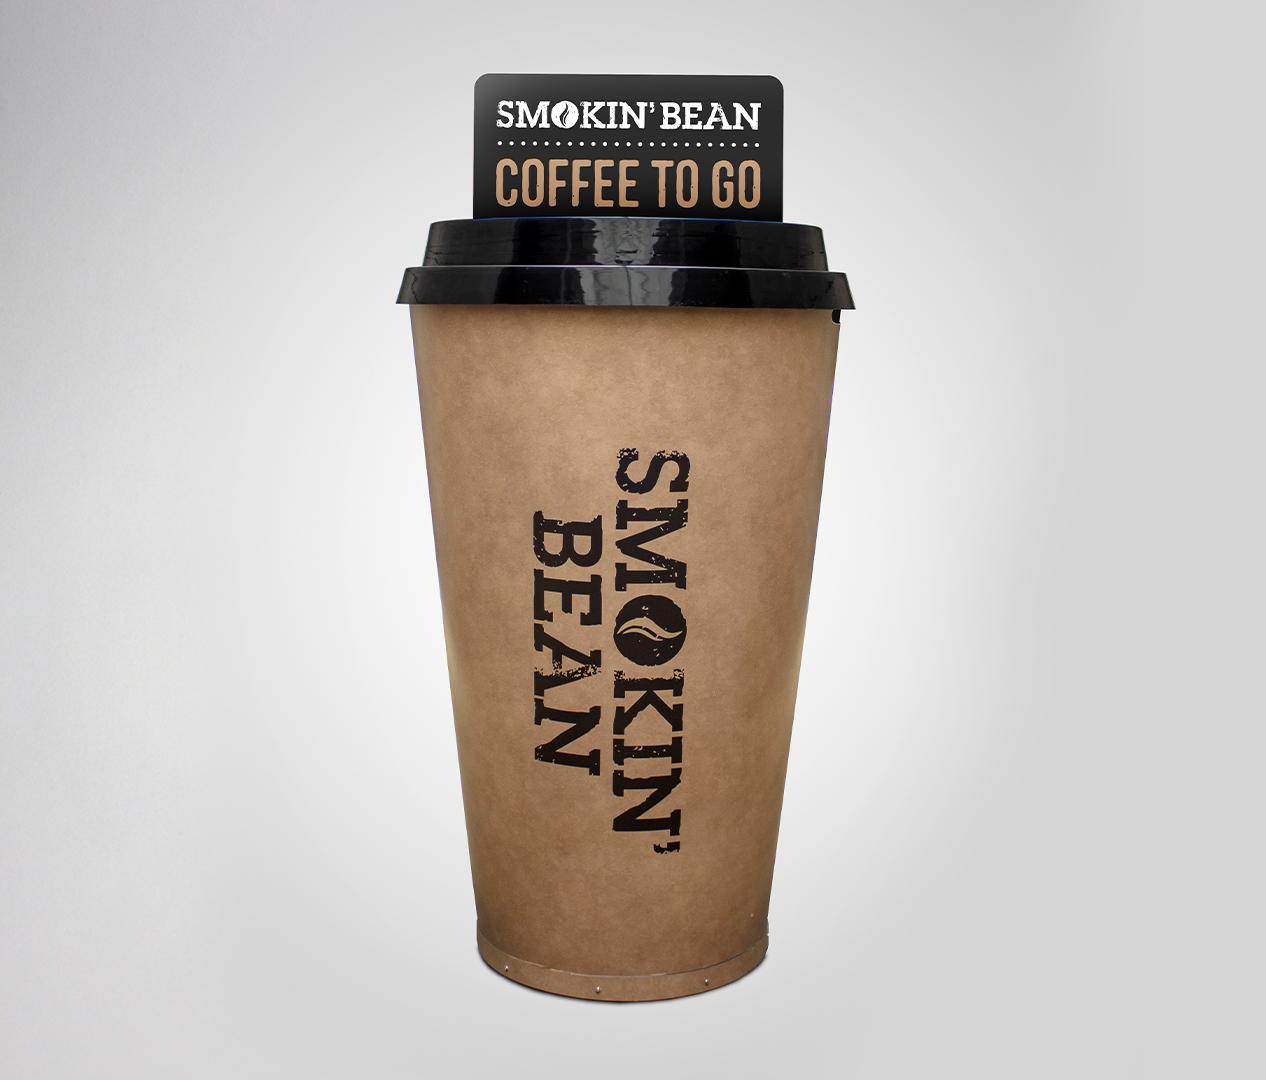 Tchibo - XXXL Coffee Cup - Zweyloeven Werbeproduktion GmbH